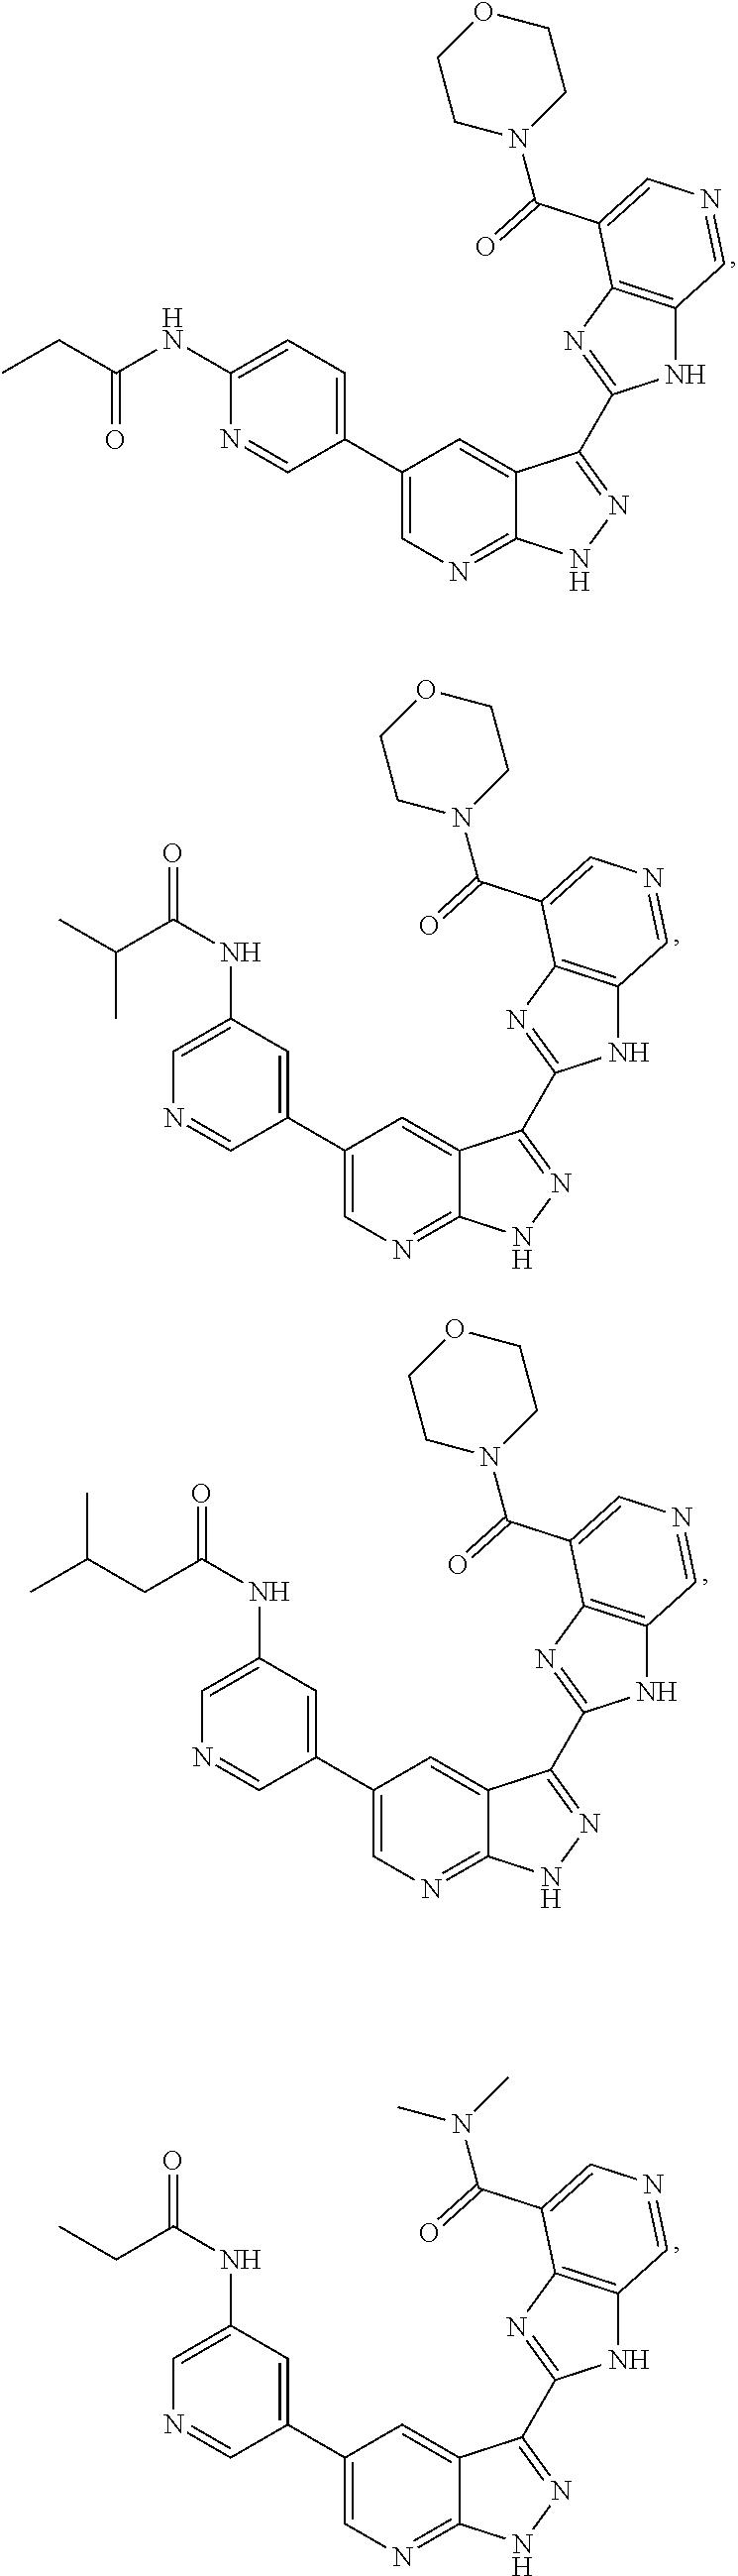 Figure US08618128-20131231-C00013